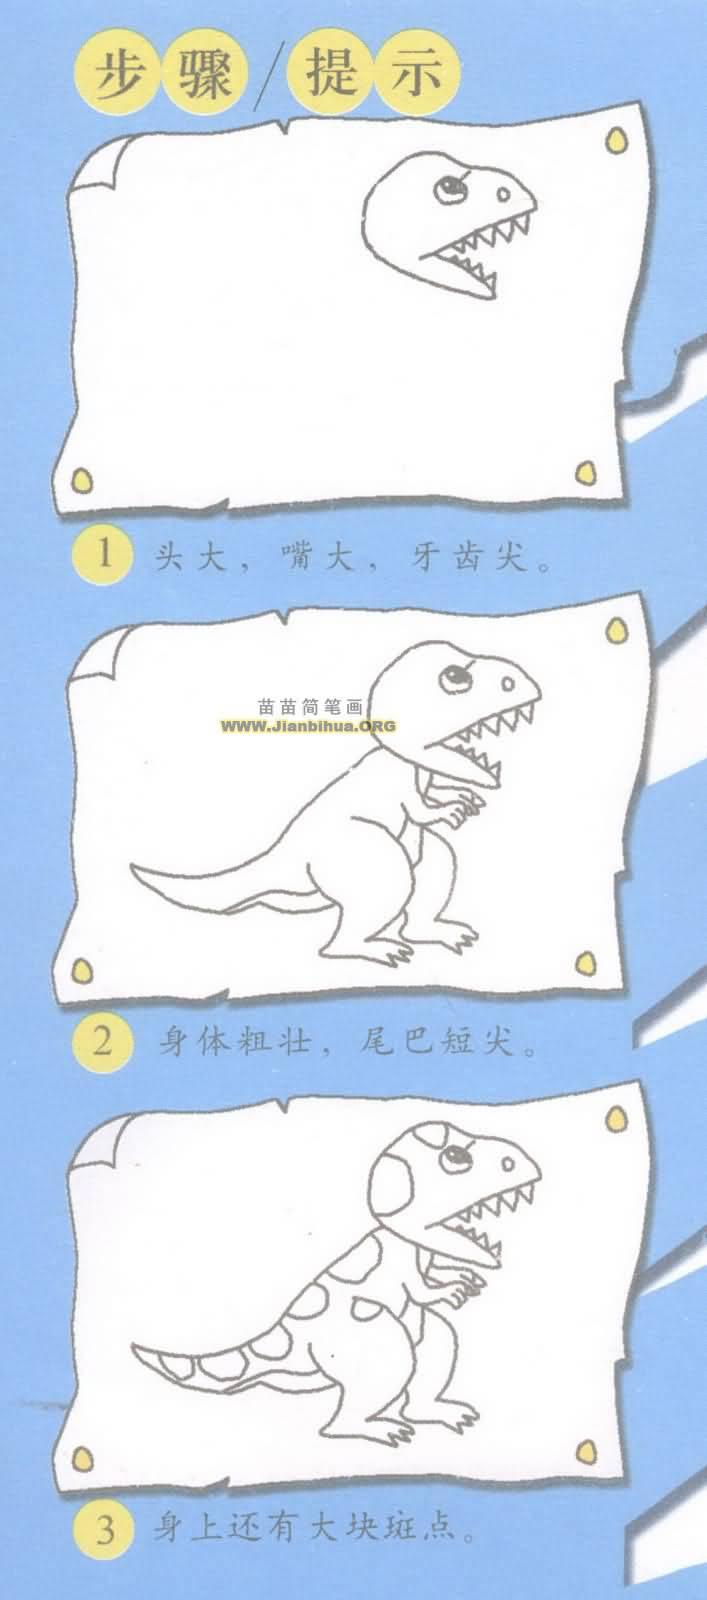 霸王龙简笔画图片教程